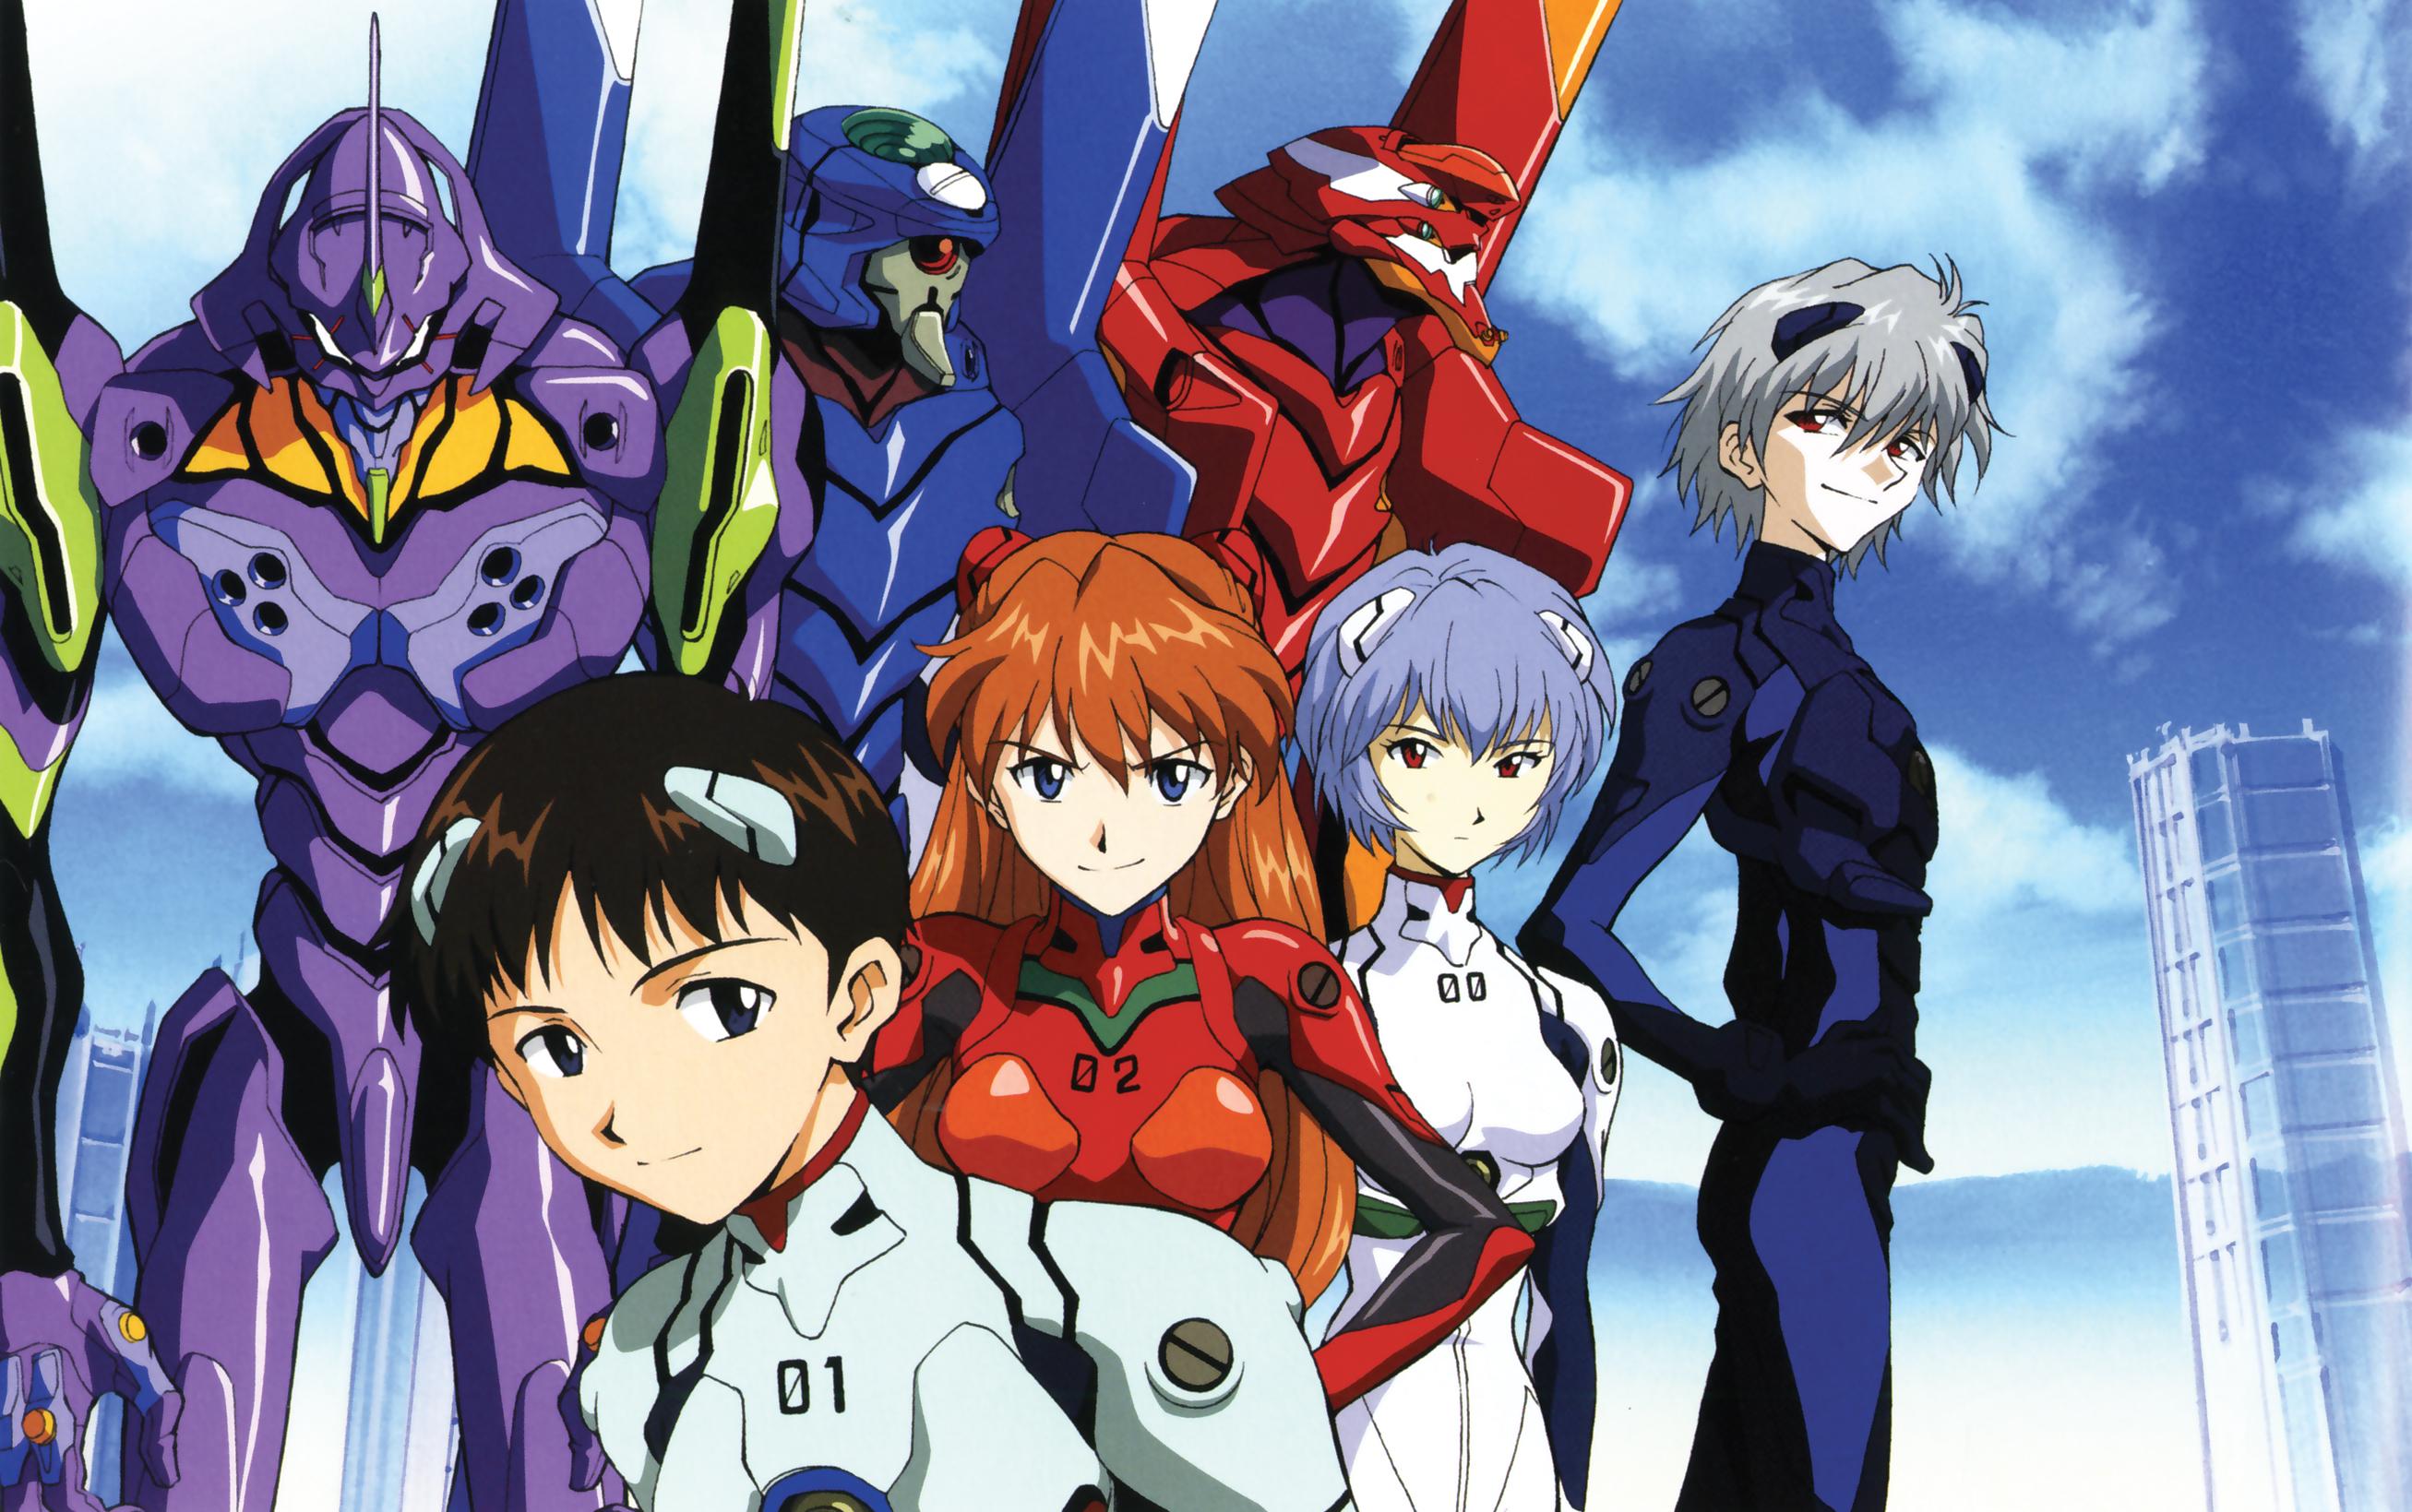 Kết quả hình ảnh cho Neon Genesis Evangelion anime